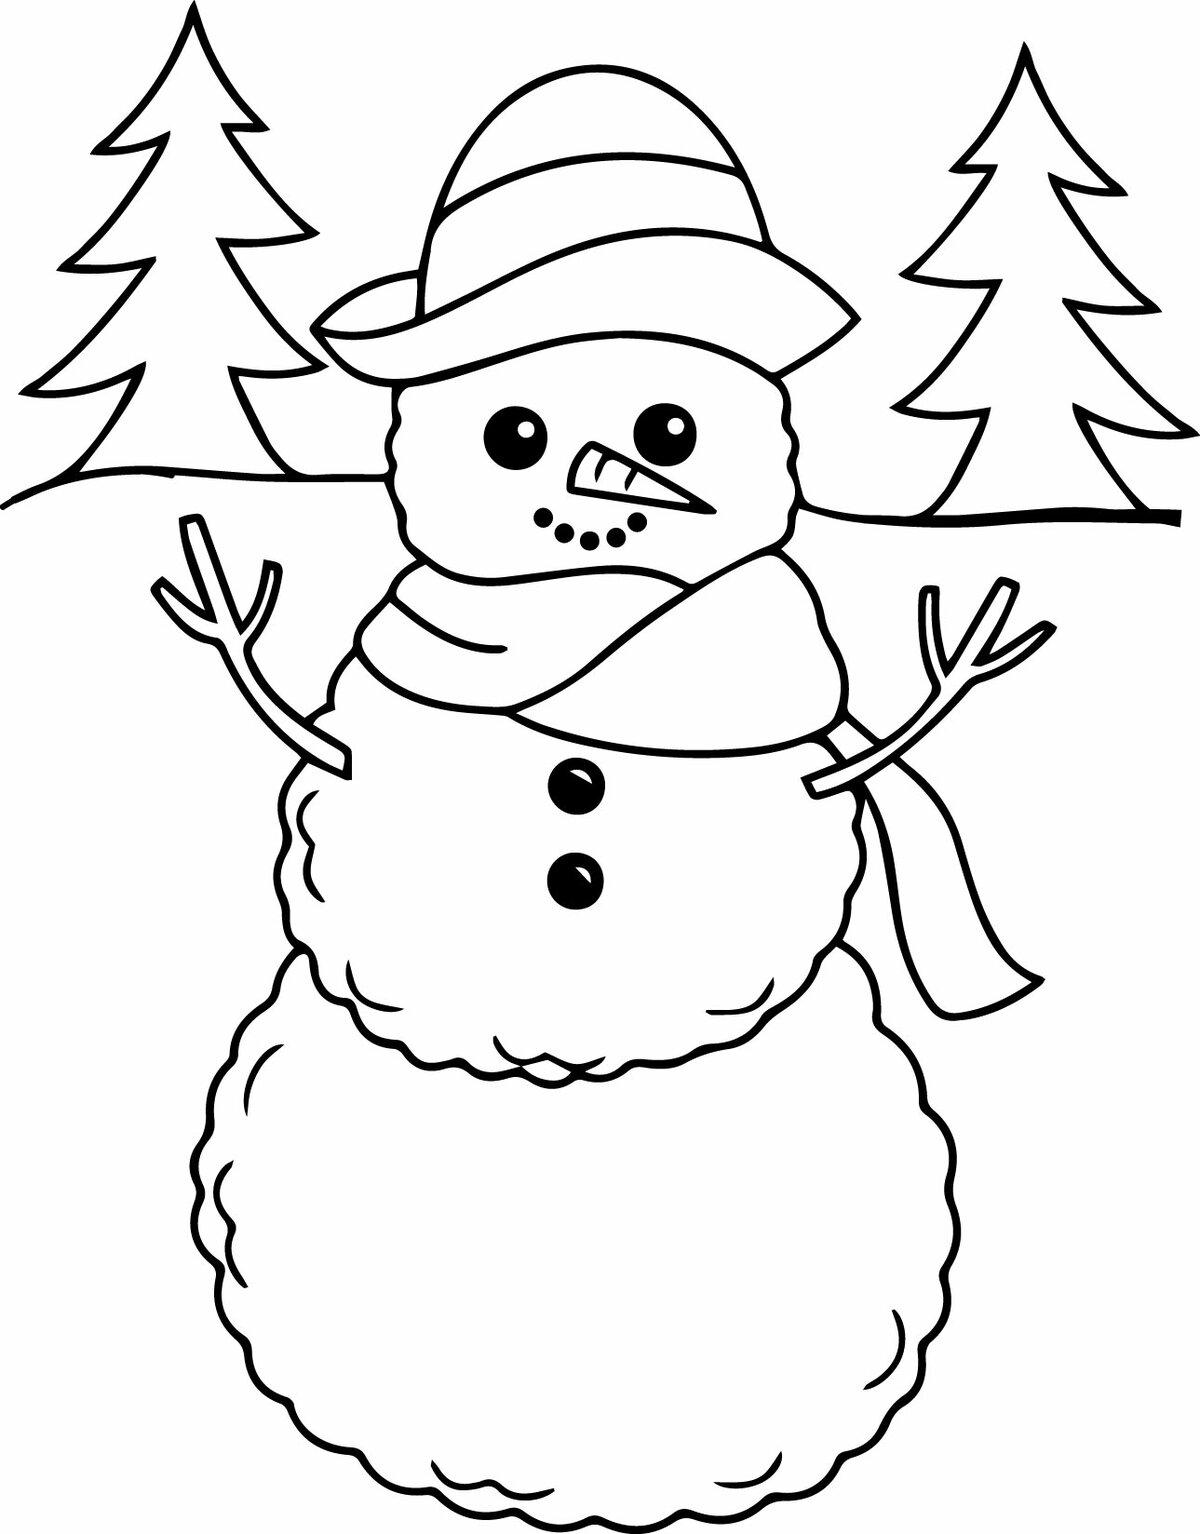 голове все картинки для раскрашивания снеговик каждое утро